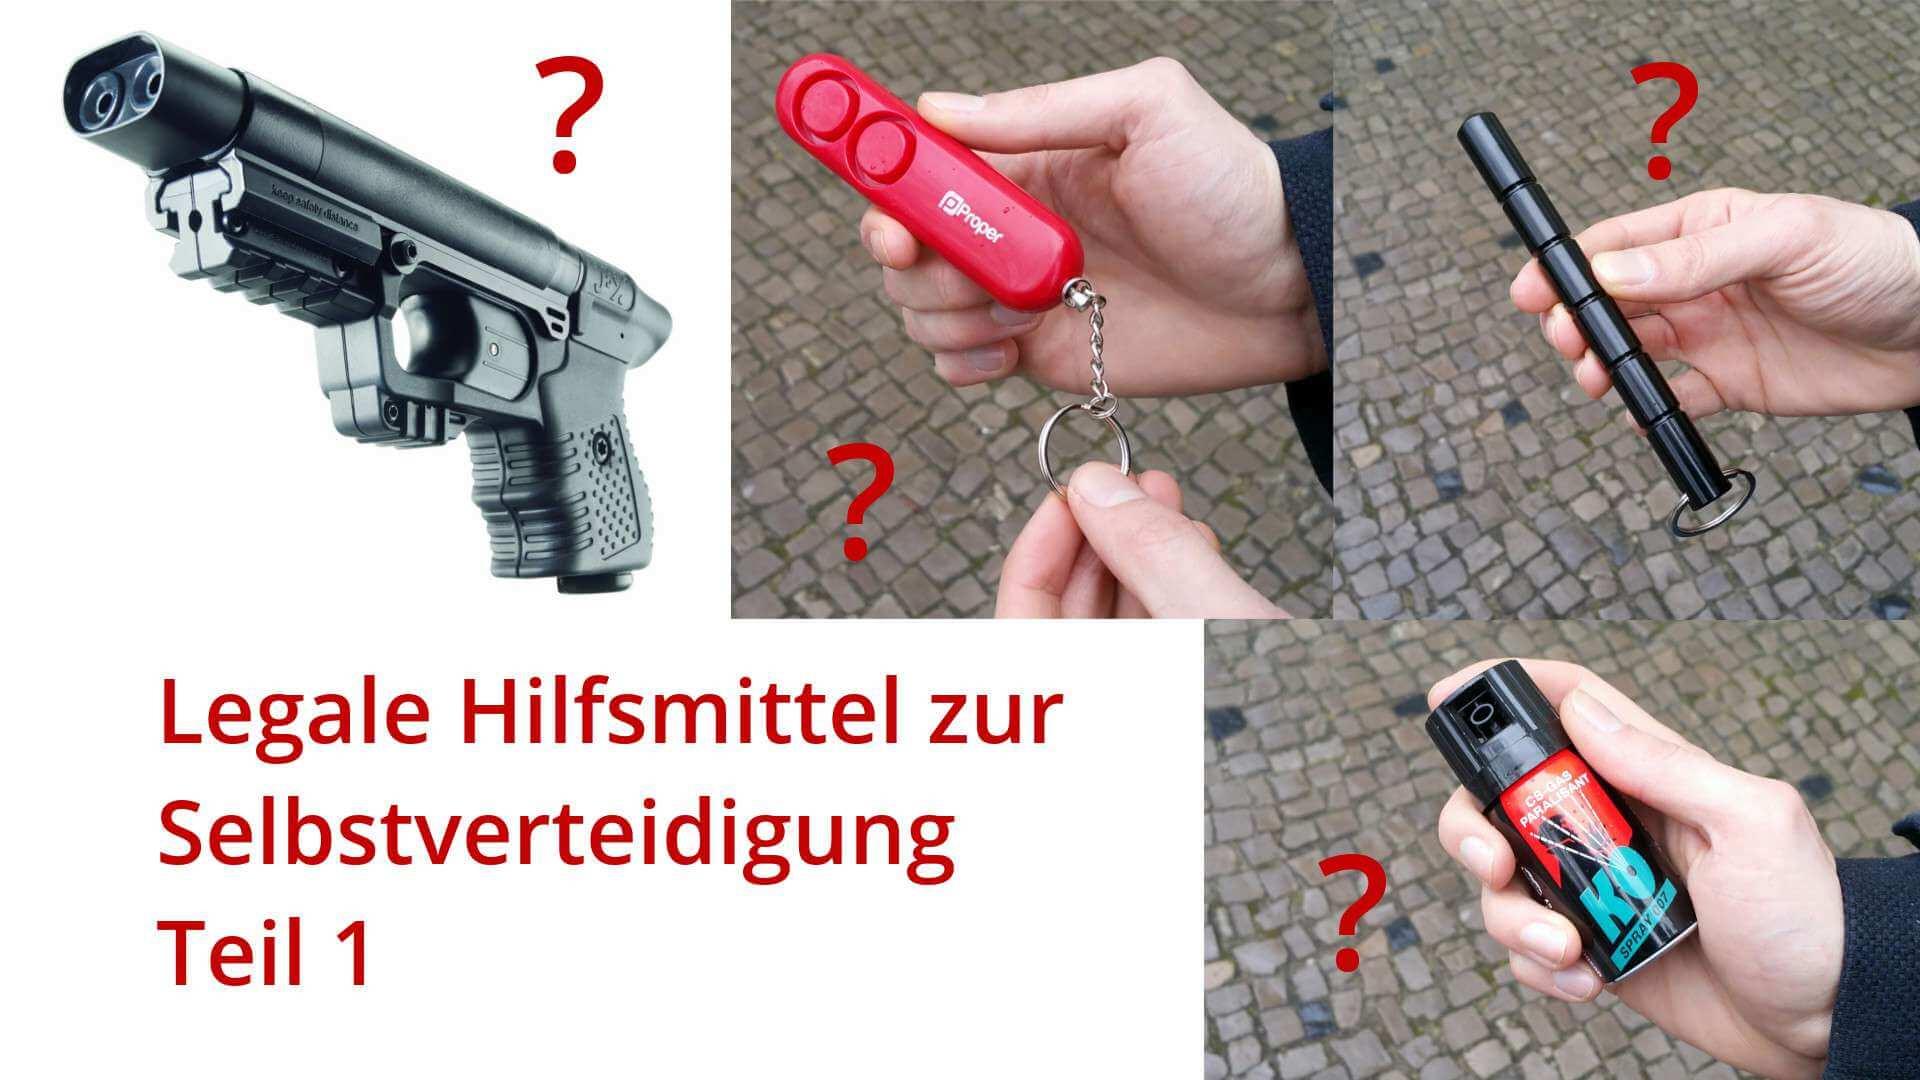 Legale Waffen & Mittel zur Selbstverteidigung: Was ist erlaubt und ...